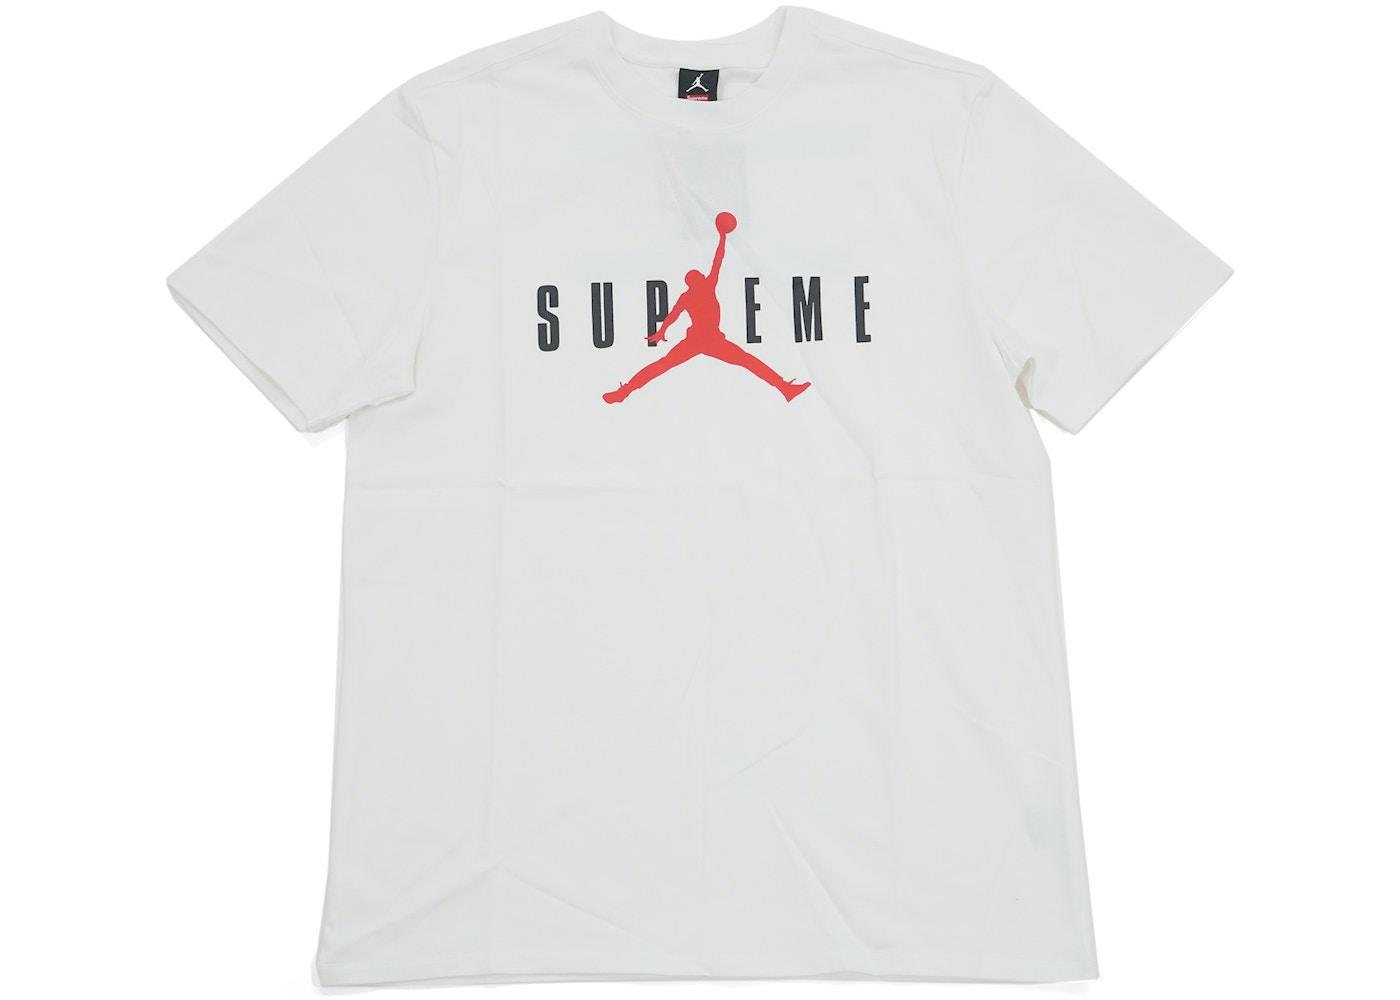 2160edadbe18 Supreme Jordan Tee White - FW15